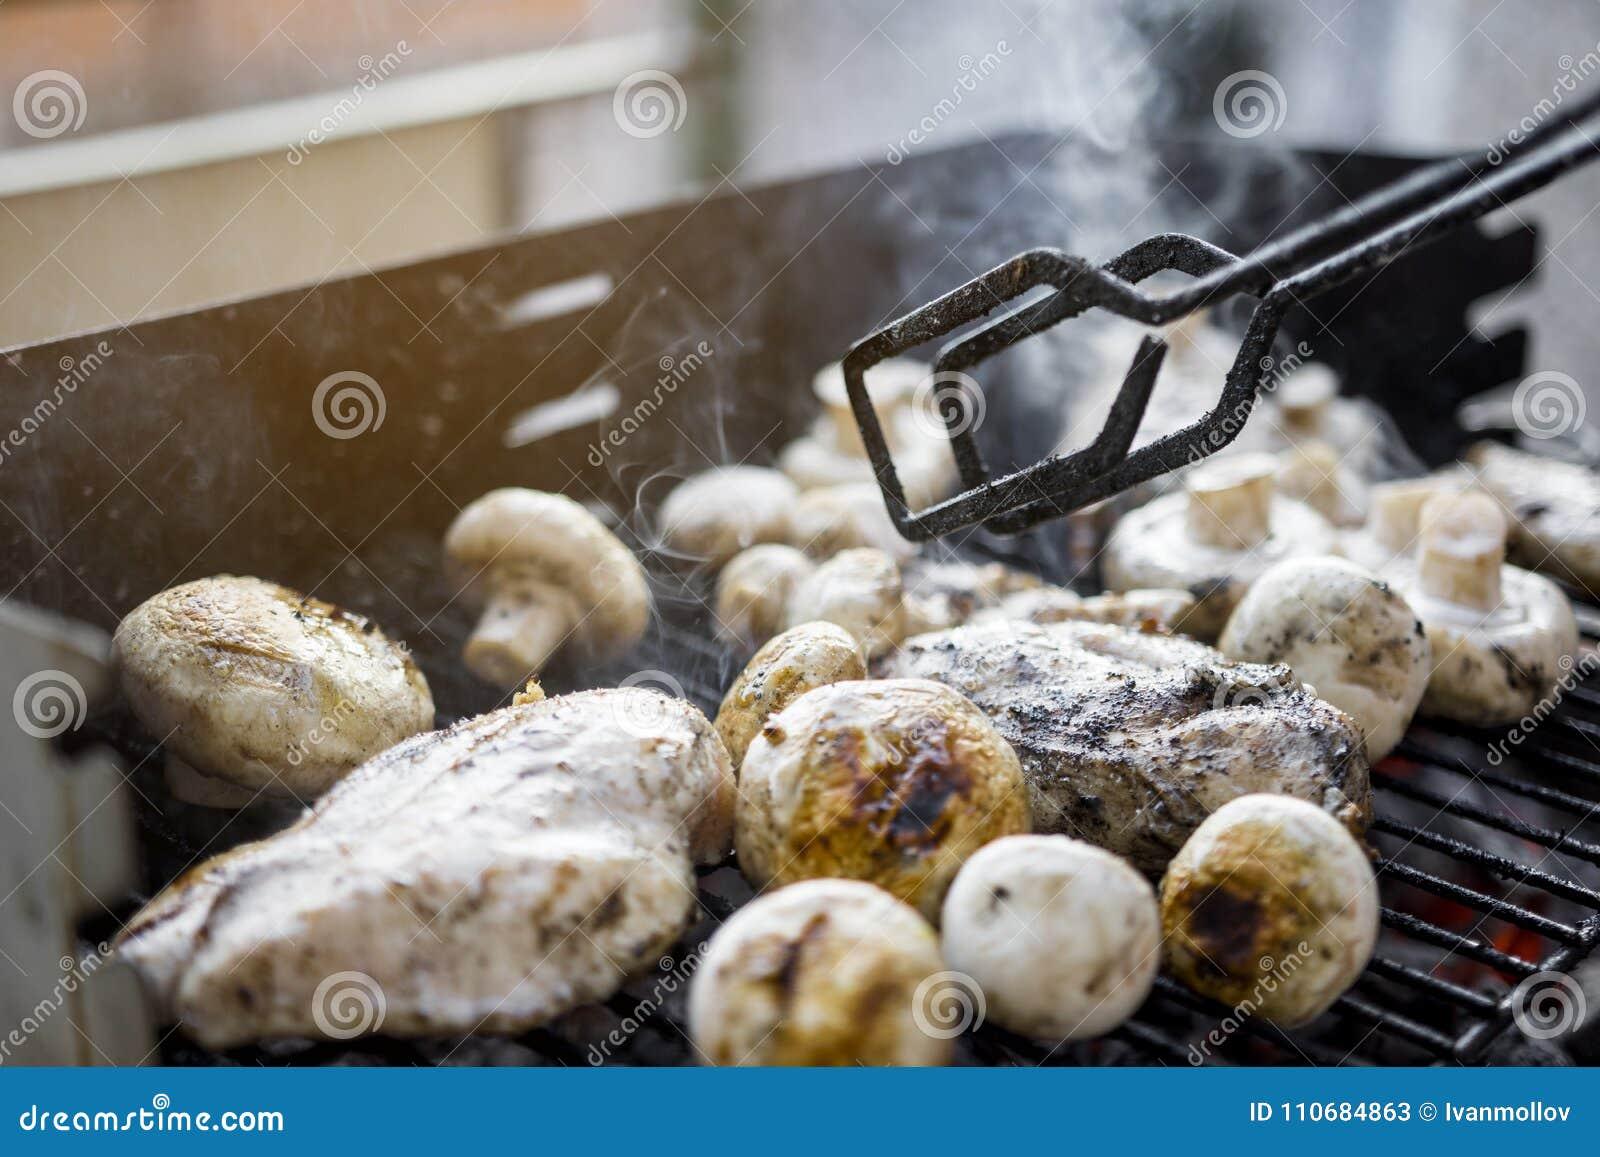 Griglia del BBQ con molti funghi e petto di pollo saporito